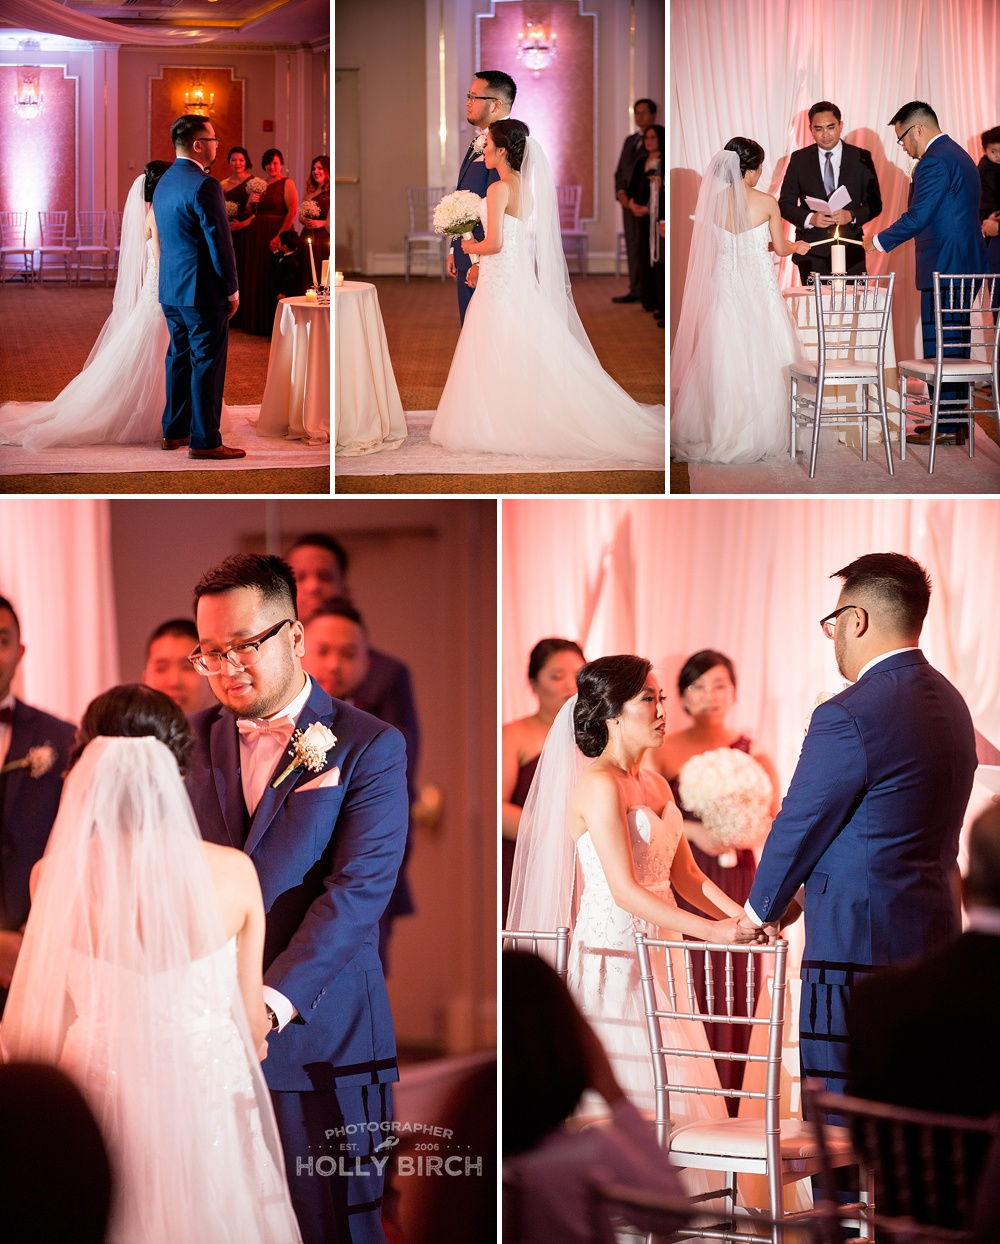 Buffalo-Grove-IL-Chicago-suburbs-wedding-Astoria-ballroom_3049.jpg